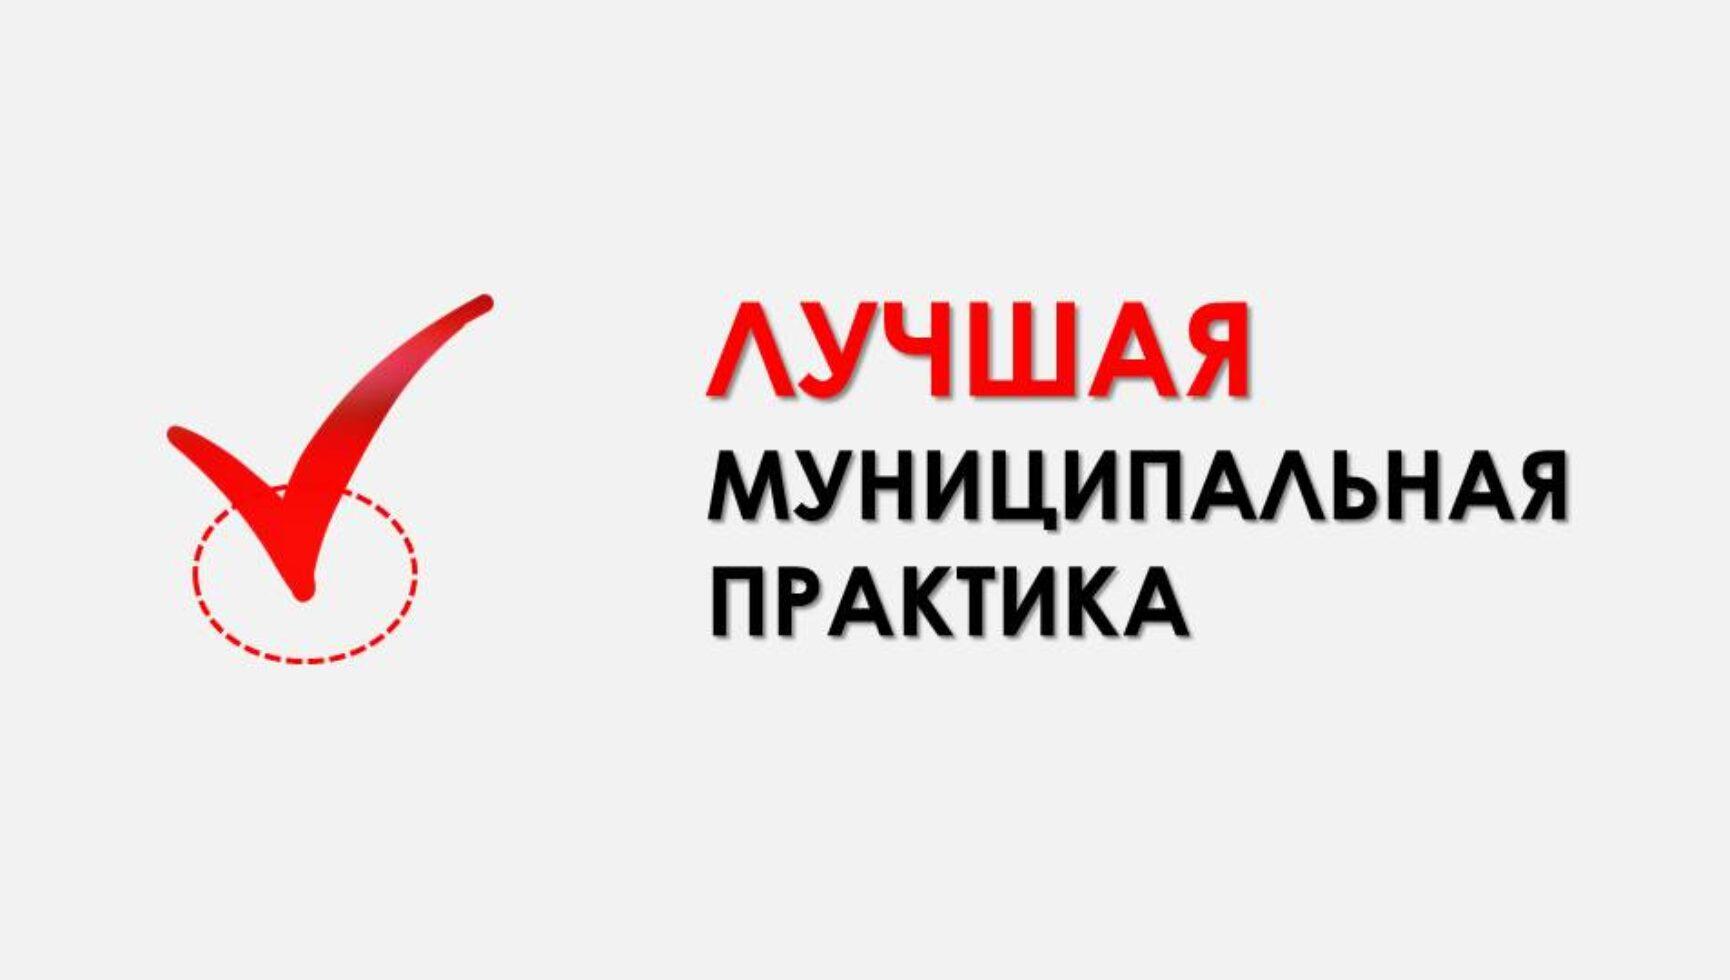 ИЗВЕЩЕНИЕ о проведении регионального этапа  Всероссийского конкурса «Лучшая муниципальная практика»